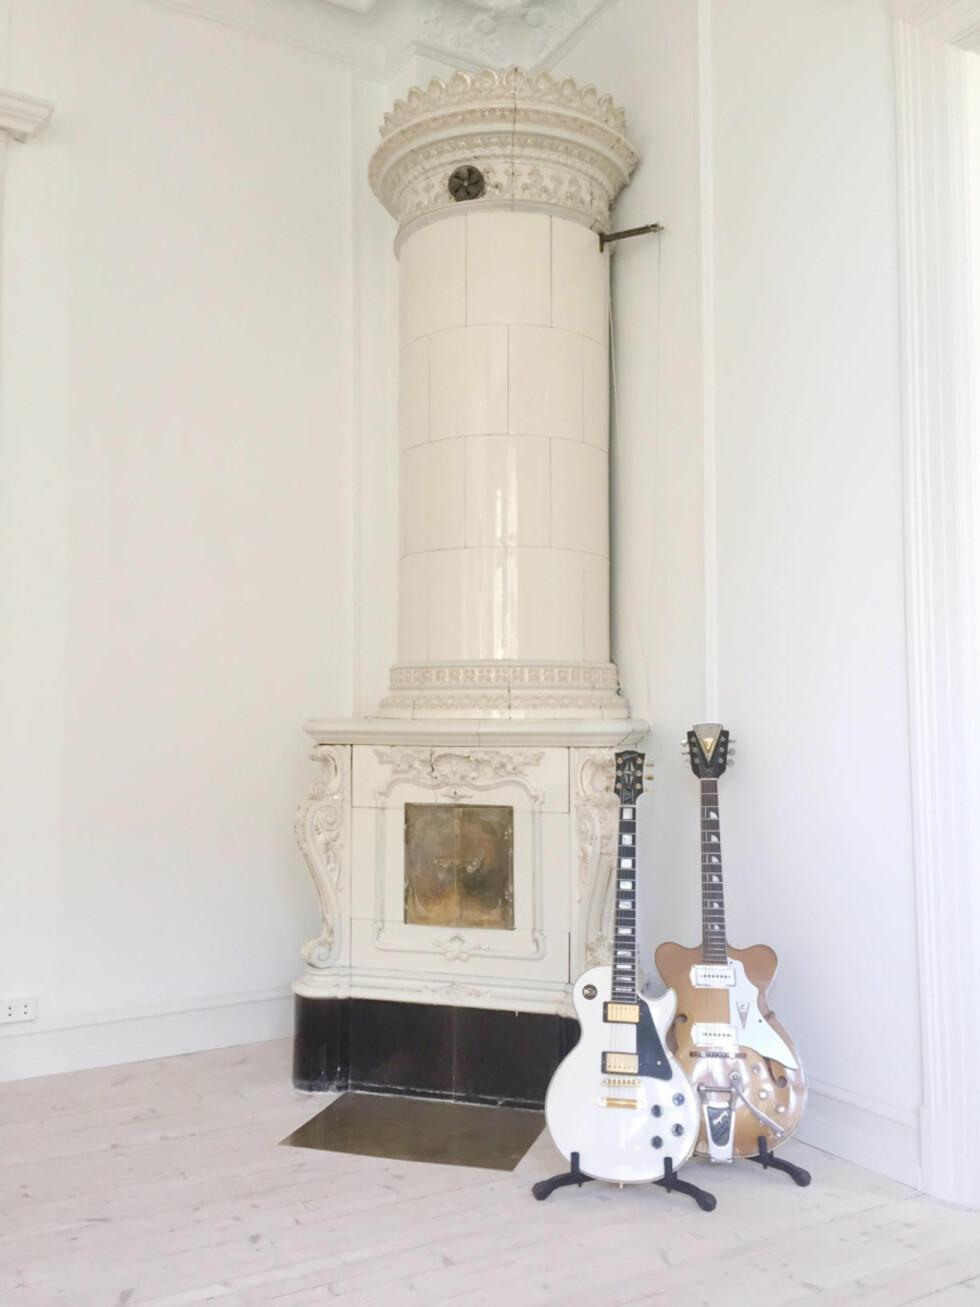 BOR I GAMMEL FROGNERBYGÅRD: - Bygården er fra slutten av 1800-tallet, og vi fant noen gamle arkivbilder av leiligheten med denne svenskeovnen fra 1908. Det eneste vi har mer av enn ildsteder er gitarer, skriver den tidligere redaktøren.  Foto: vanessarudjord.com/stylebook